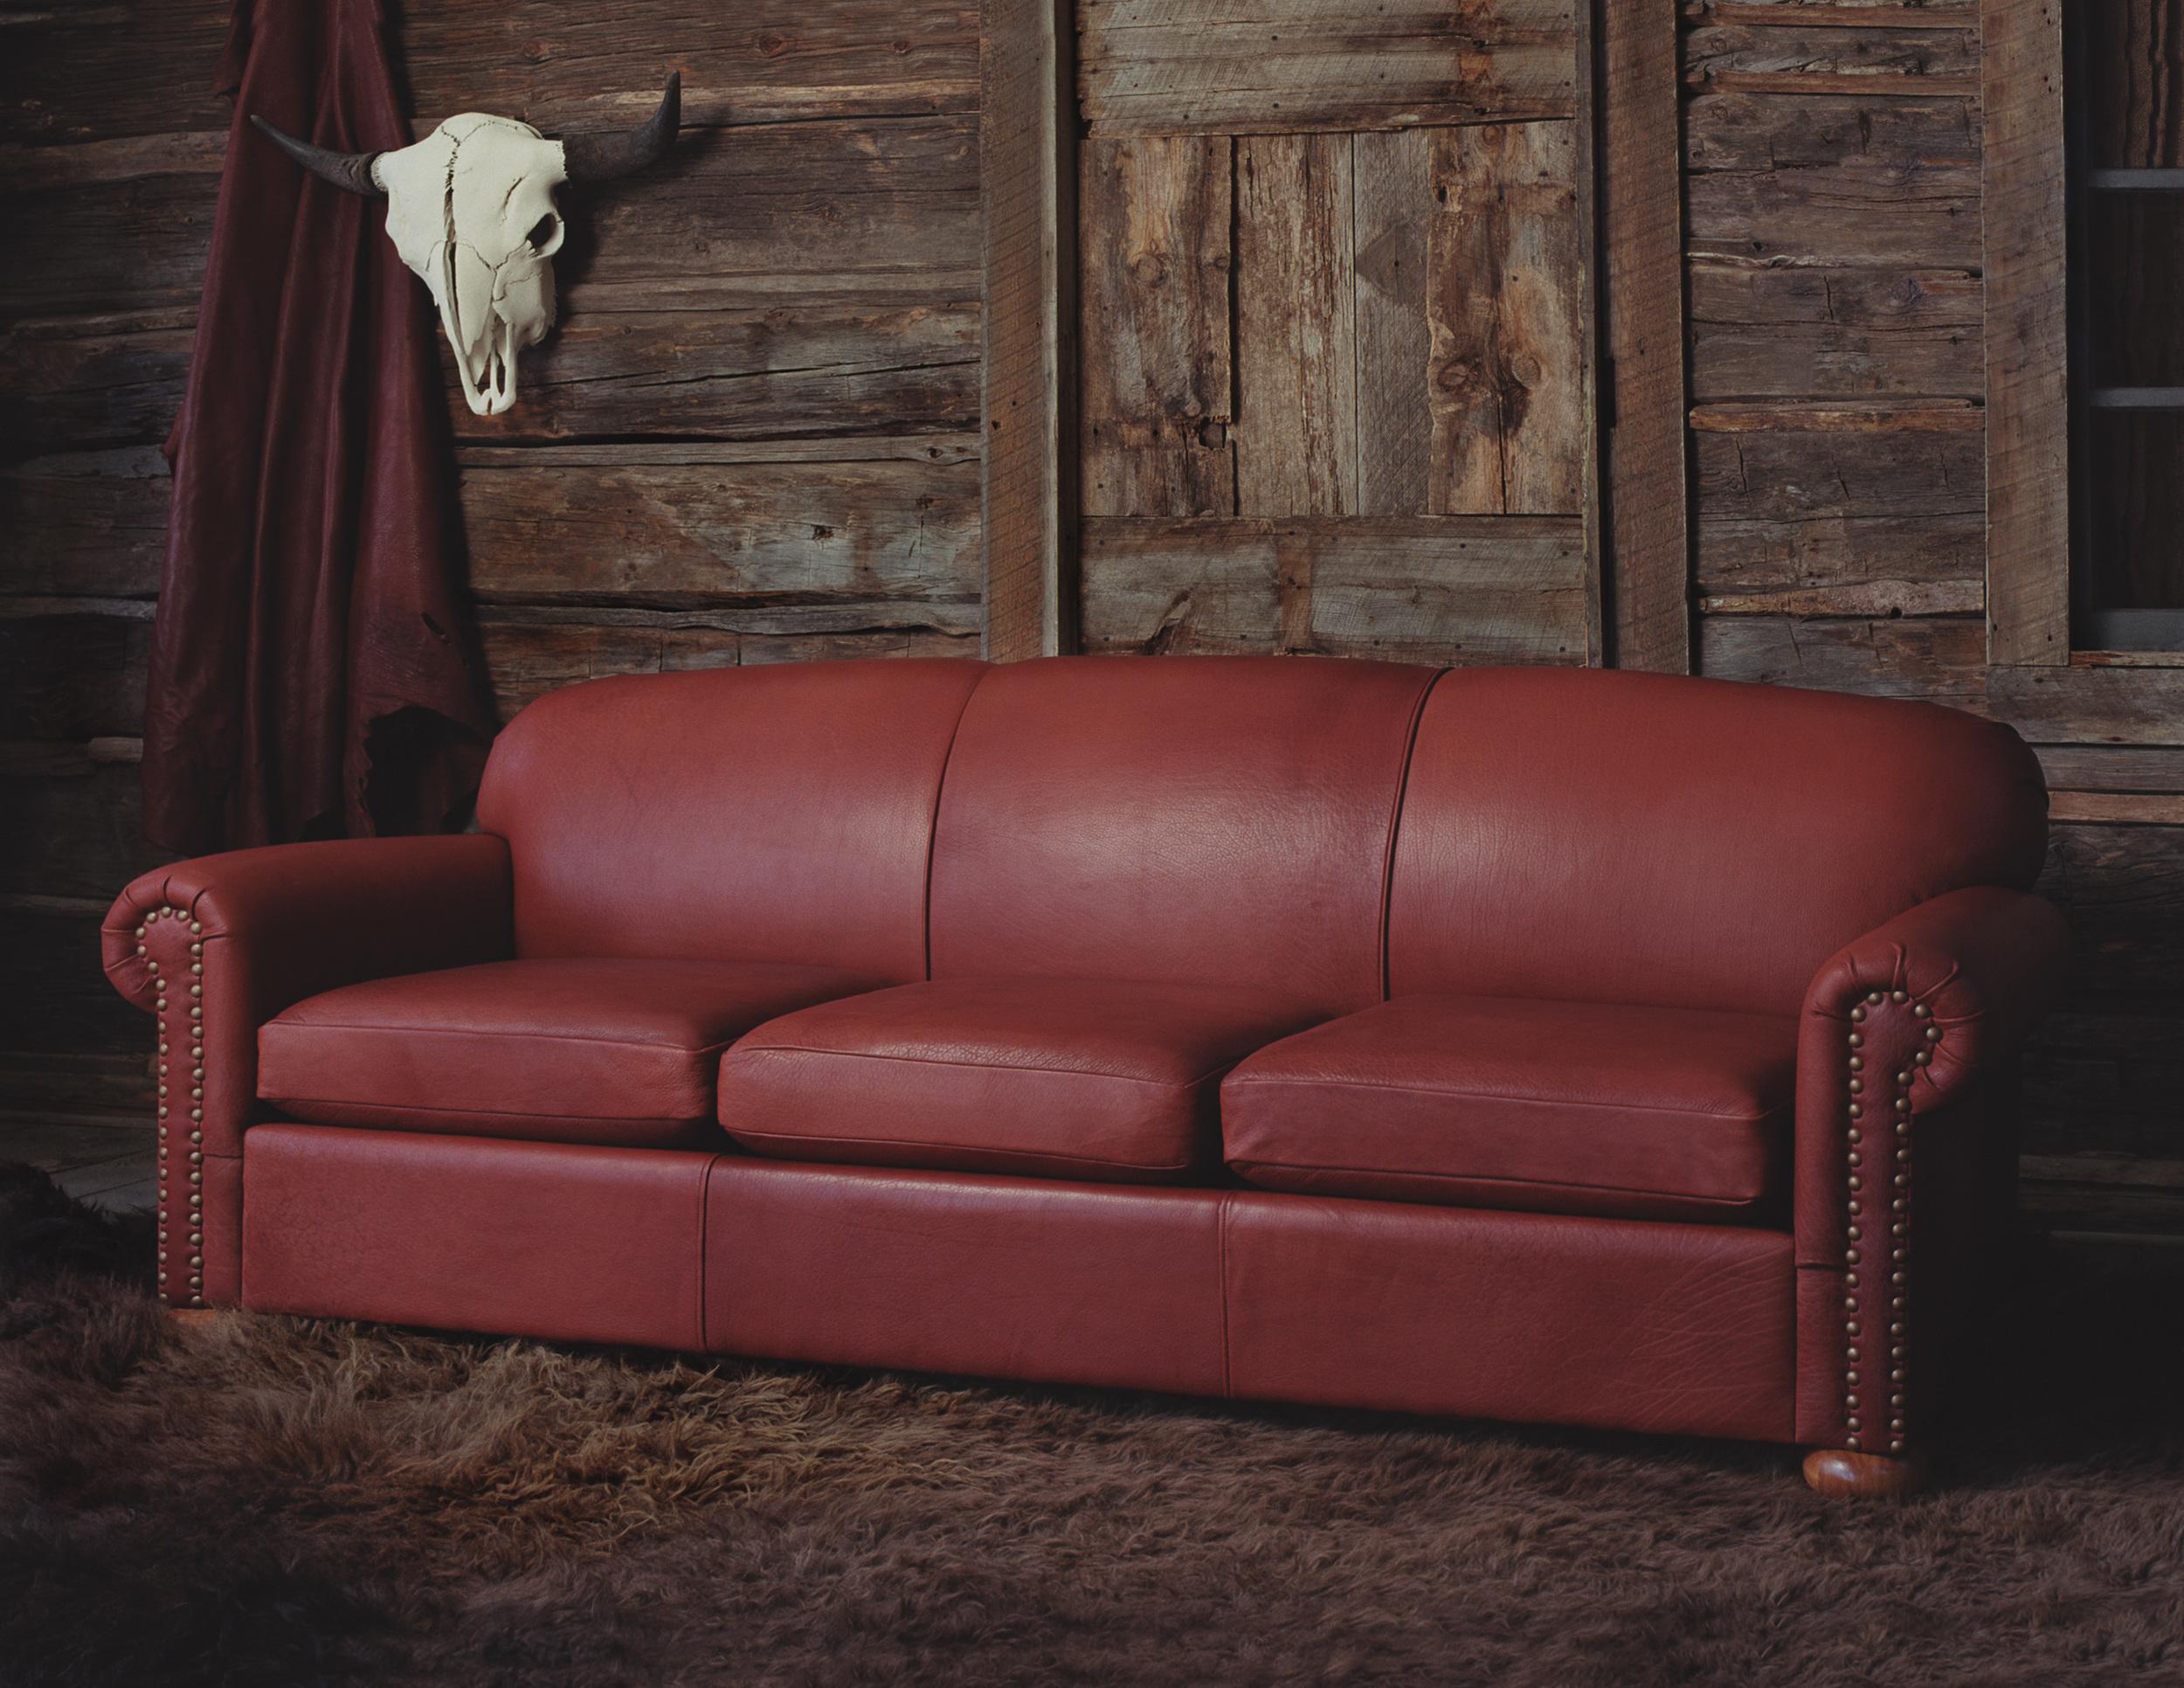 Dakota Bison Furniture